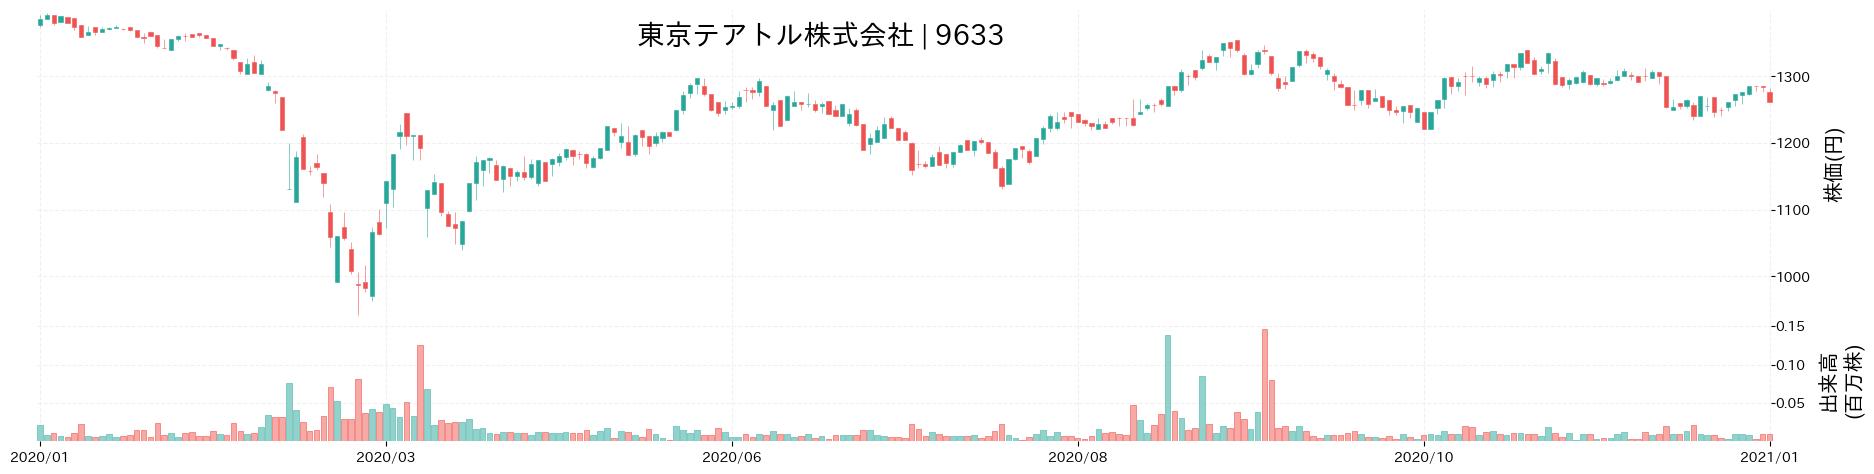 東京テアトル株式会社の株価推移(2020)